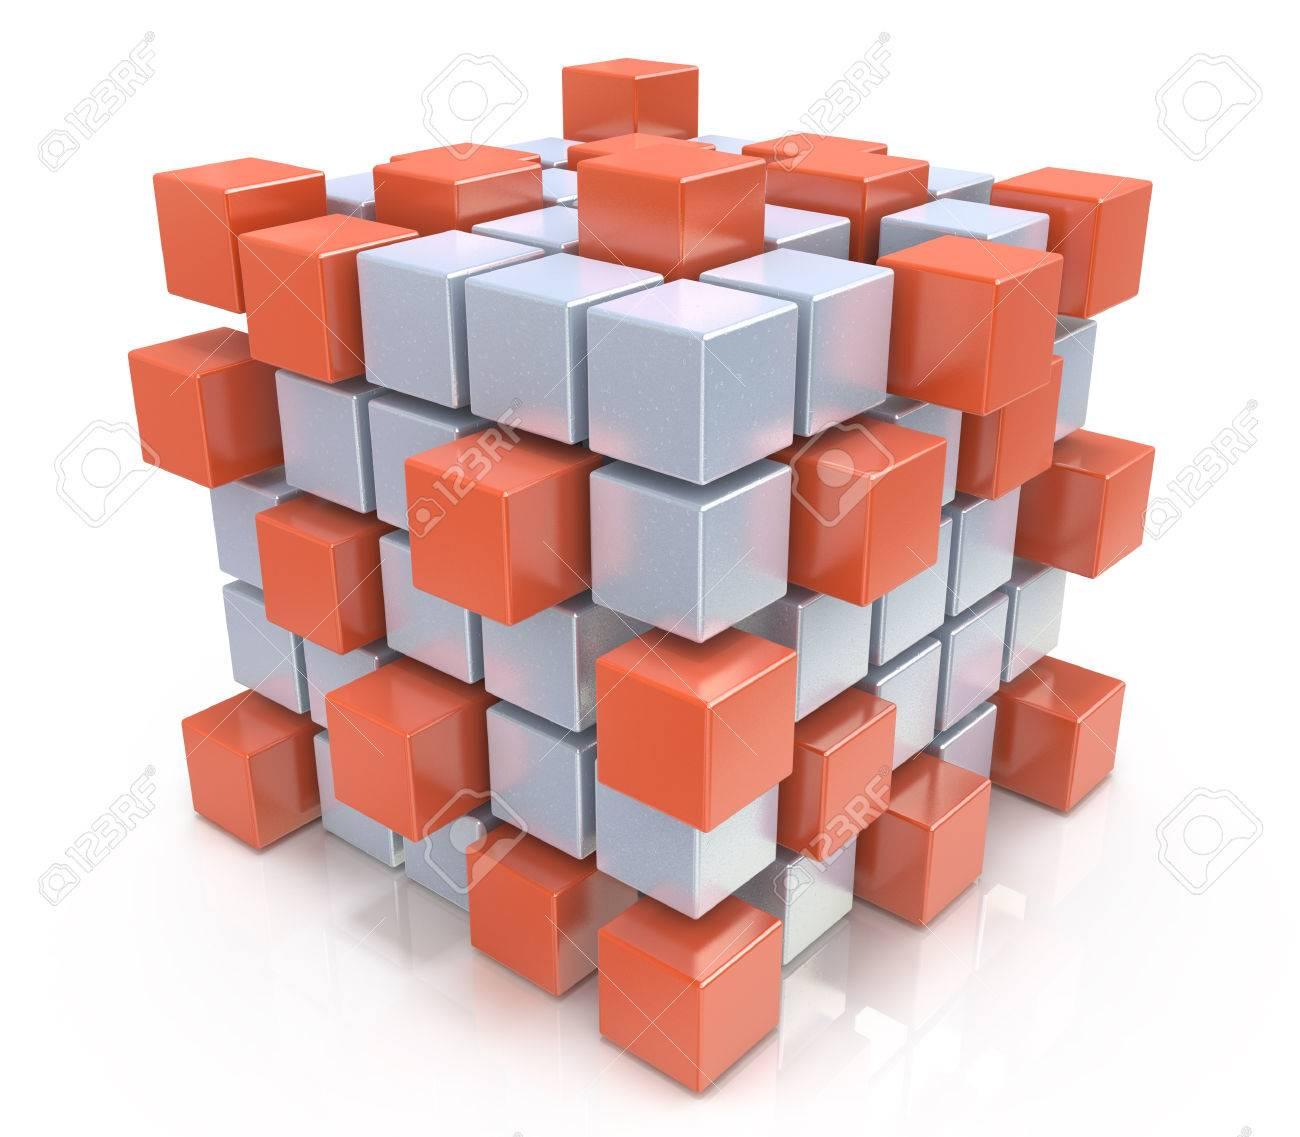 teamwork business concept - cube assembling from blocks - 34157110